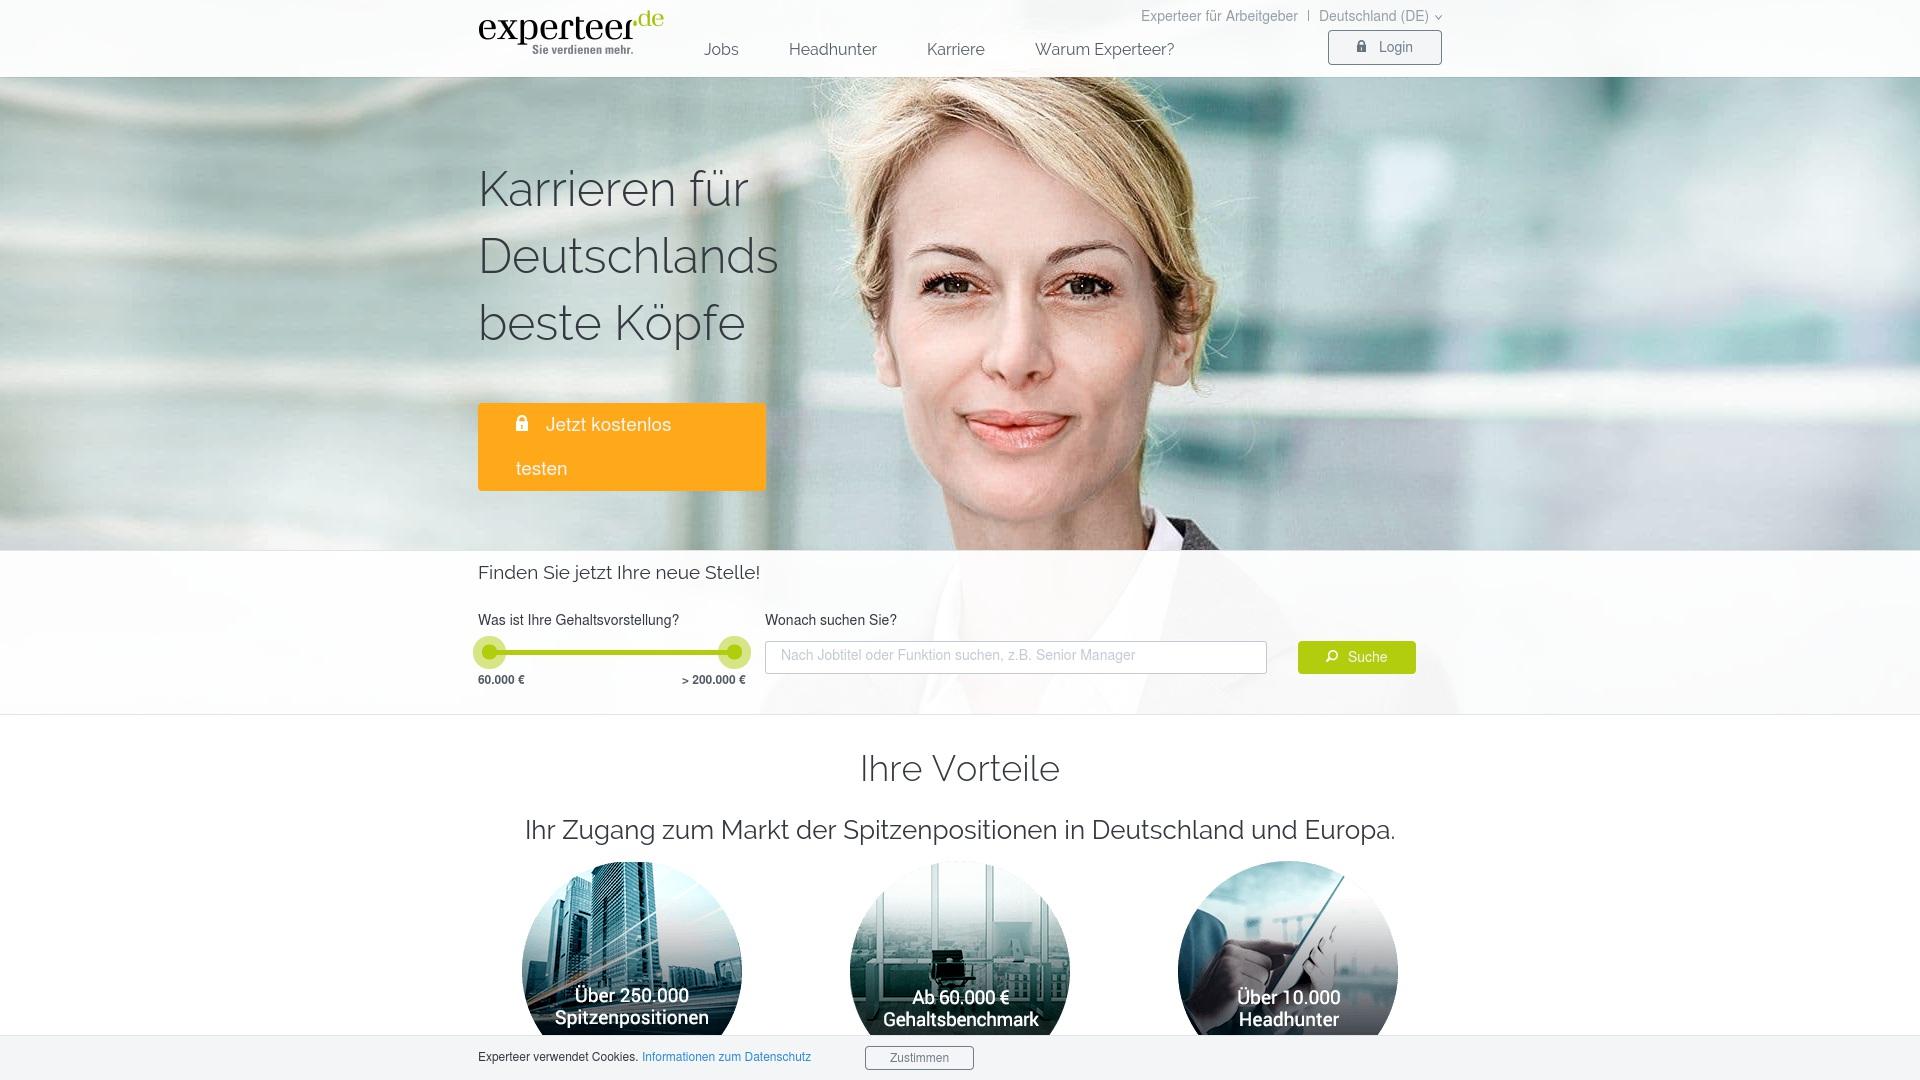 Gutschein für Experteer: Rabatte für  Experteer sichern